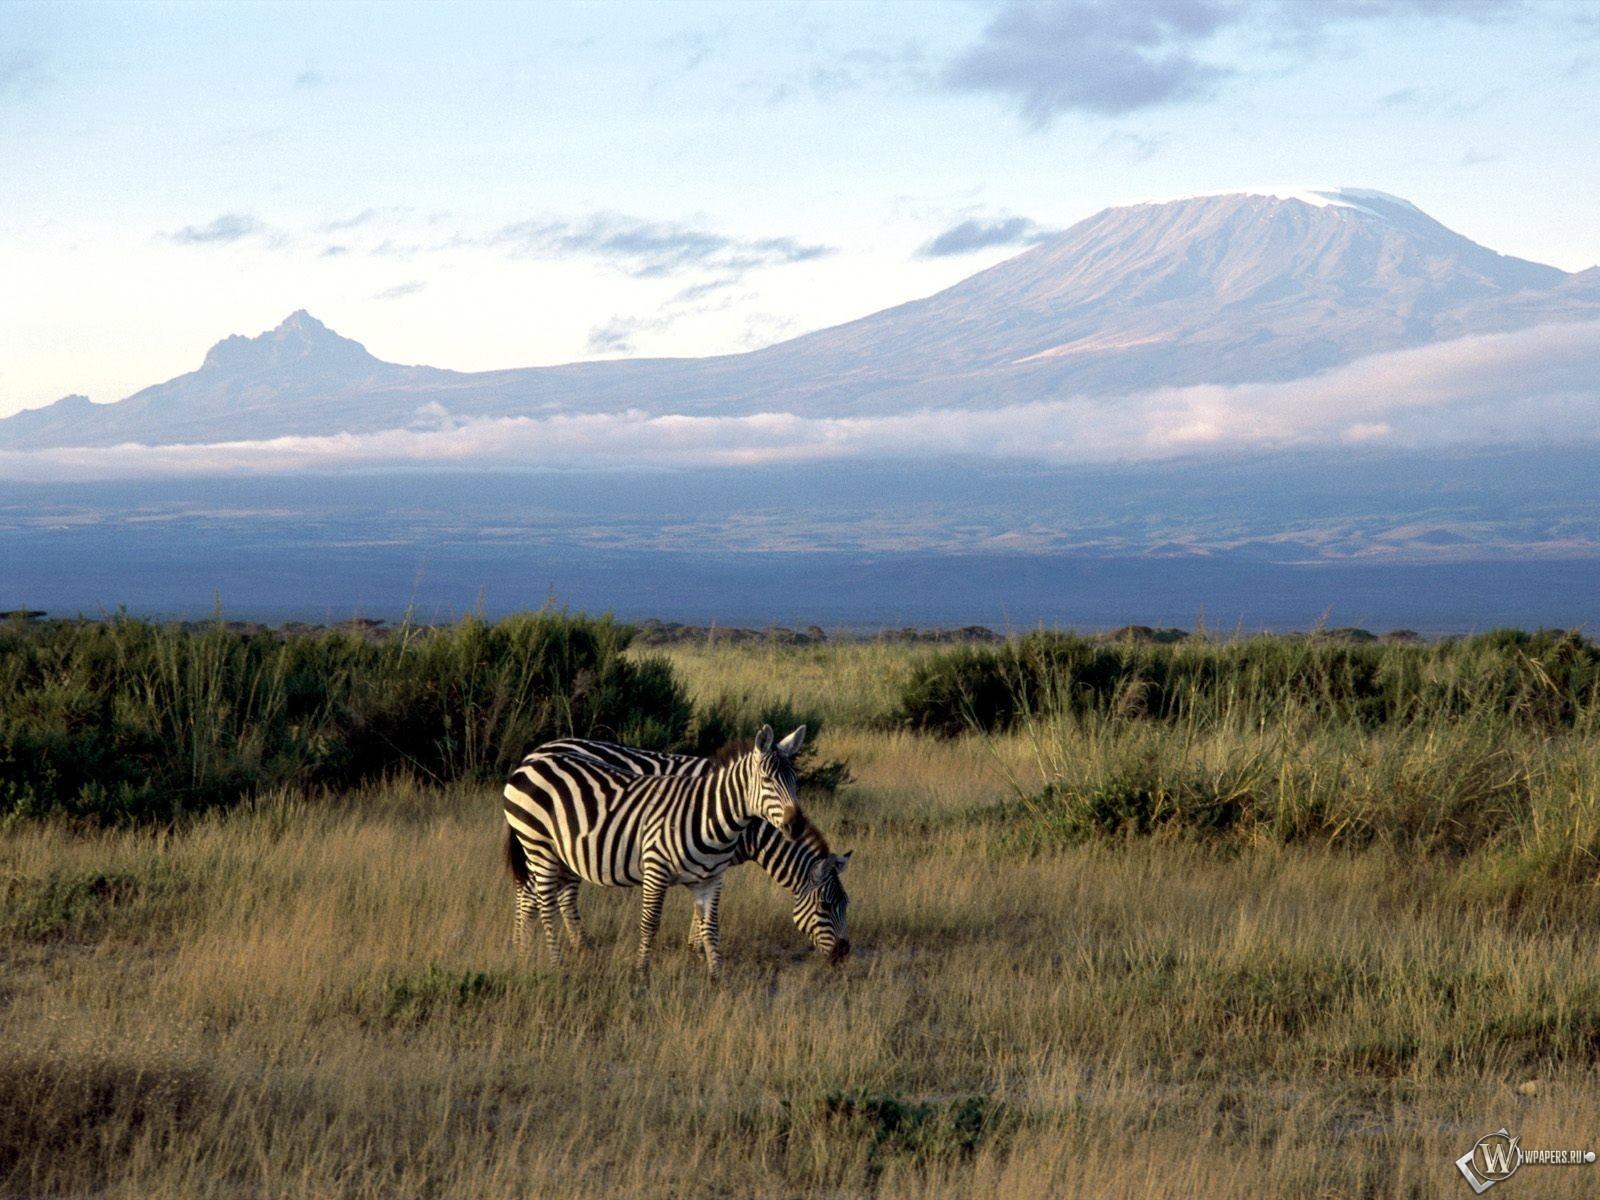 Две зебры в горах 1600x1200